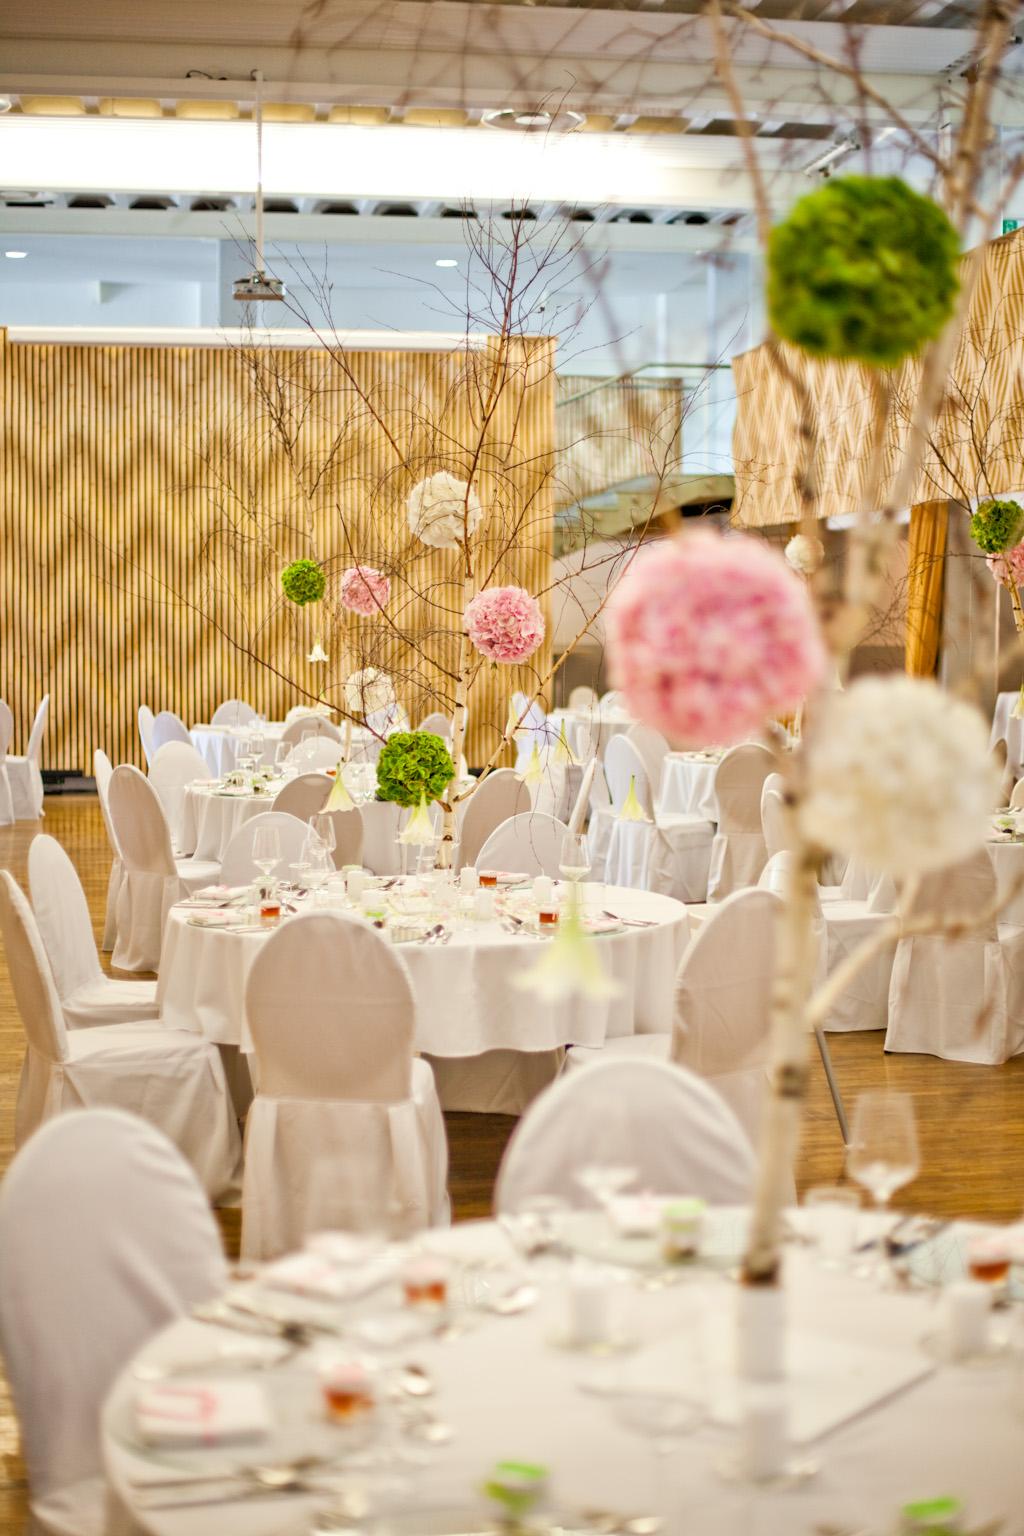 Birkenhochzeit floral m for Raumgestaltung hochzeit